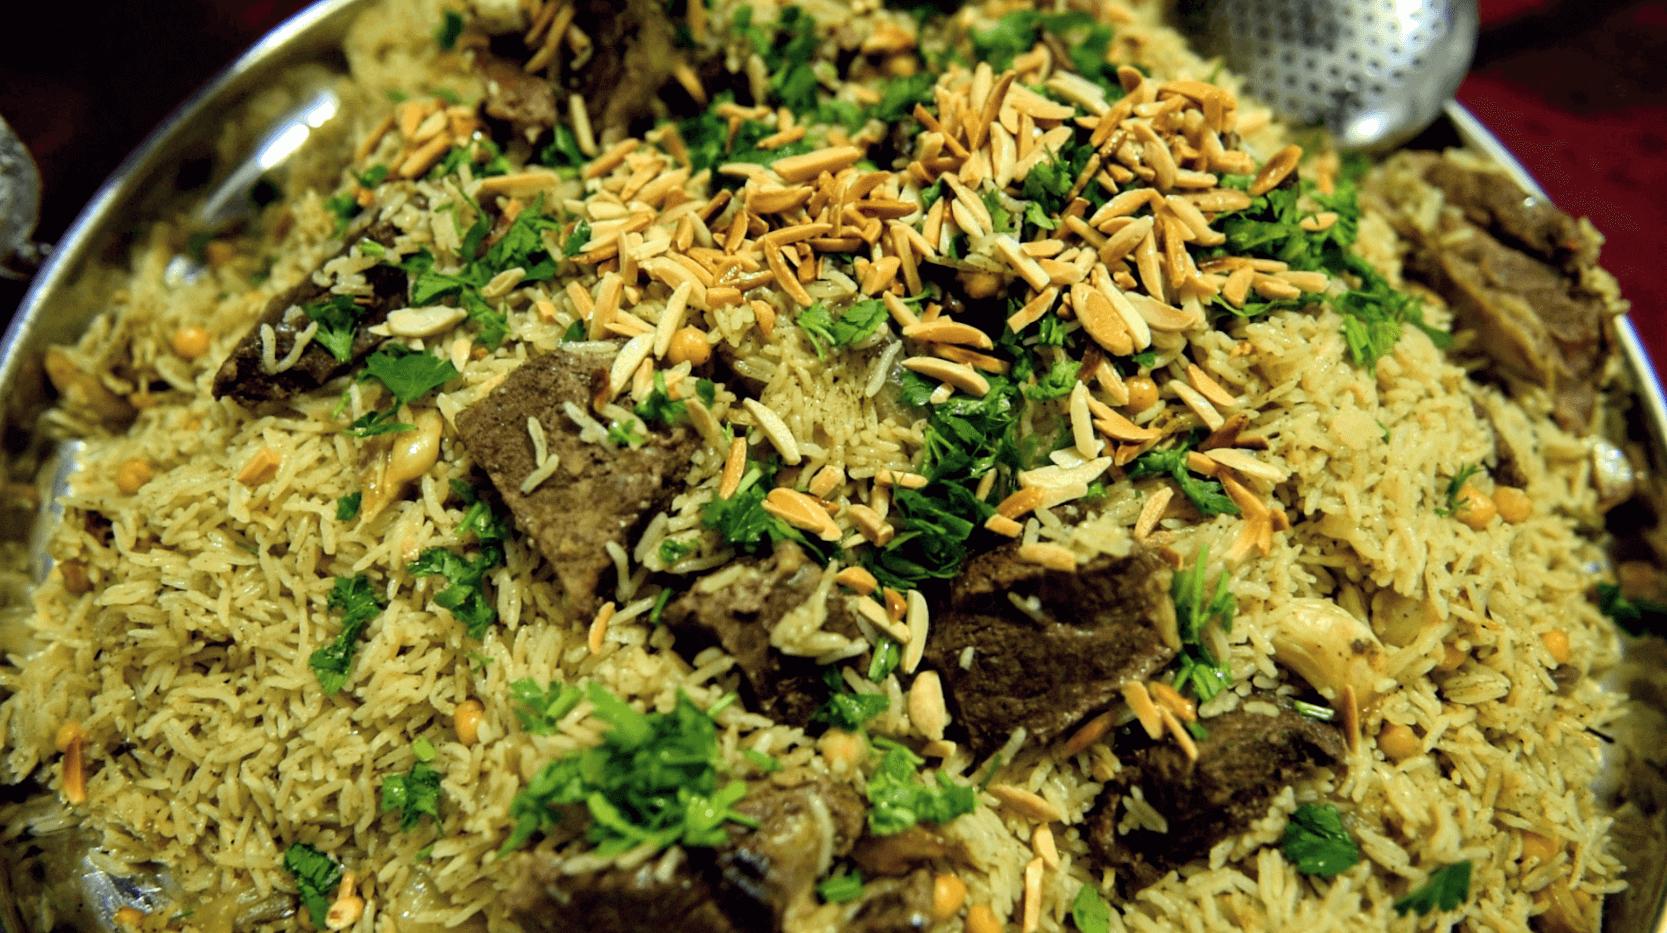 אירוח בדואי מסורתי ברהט אוכל ג'ולייט בדר